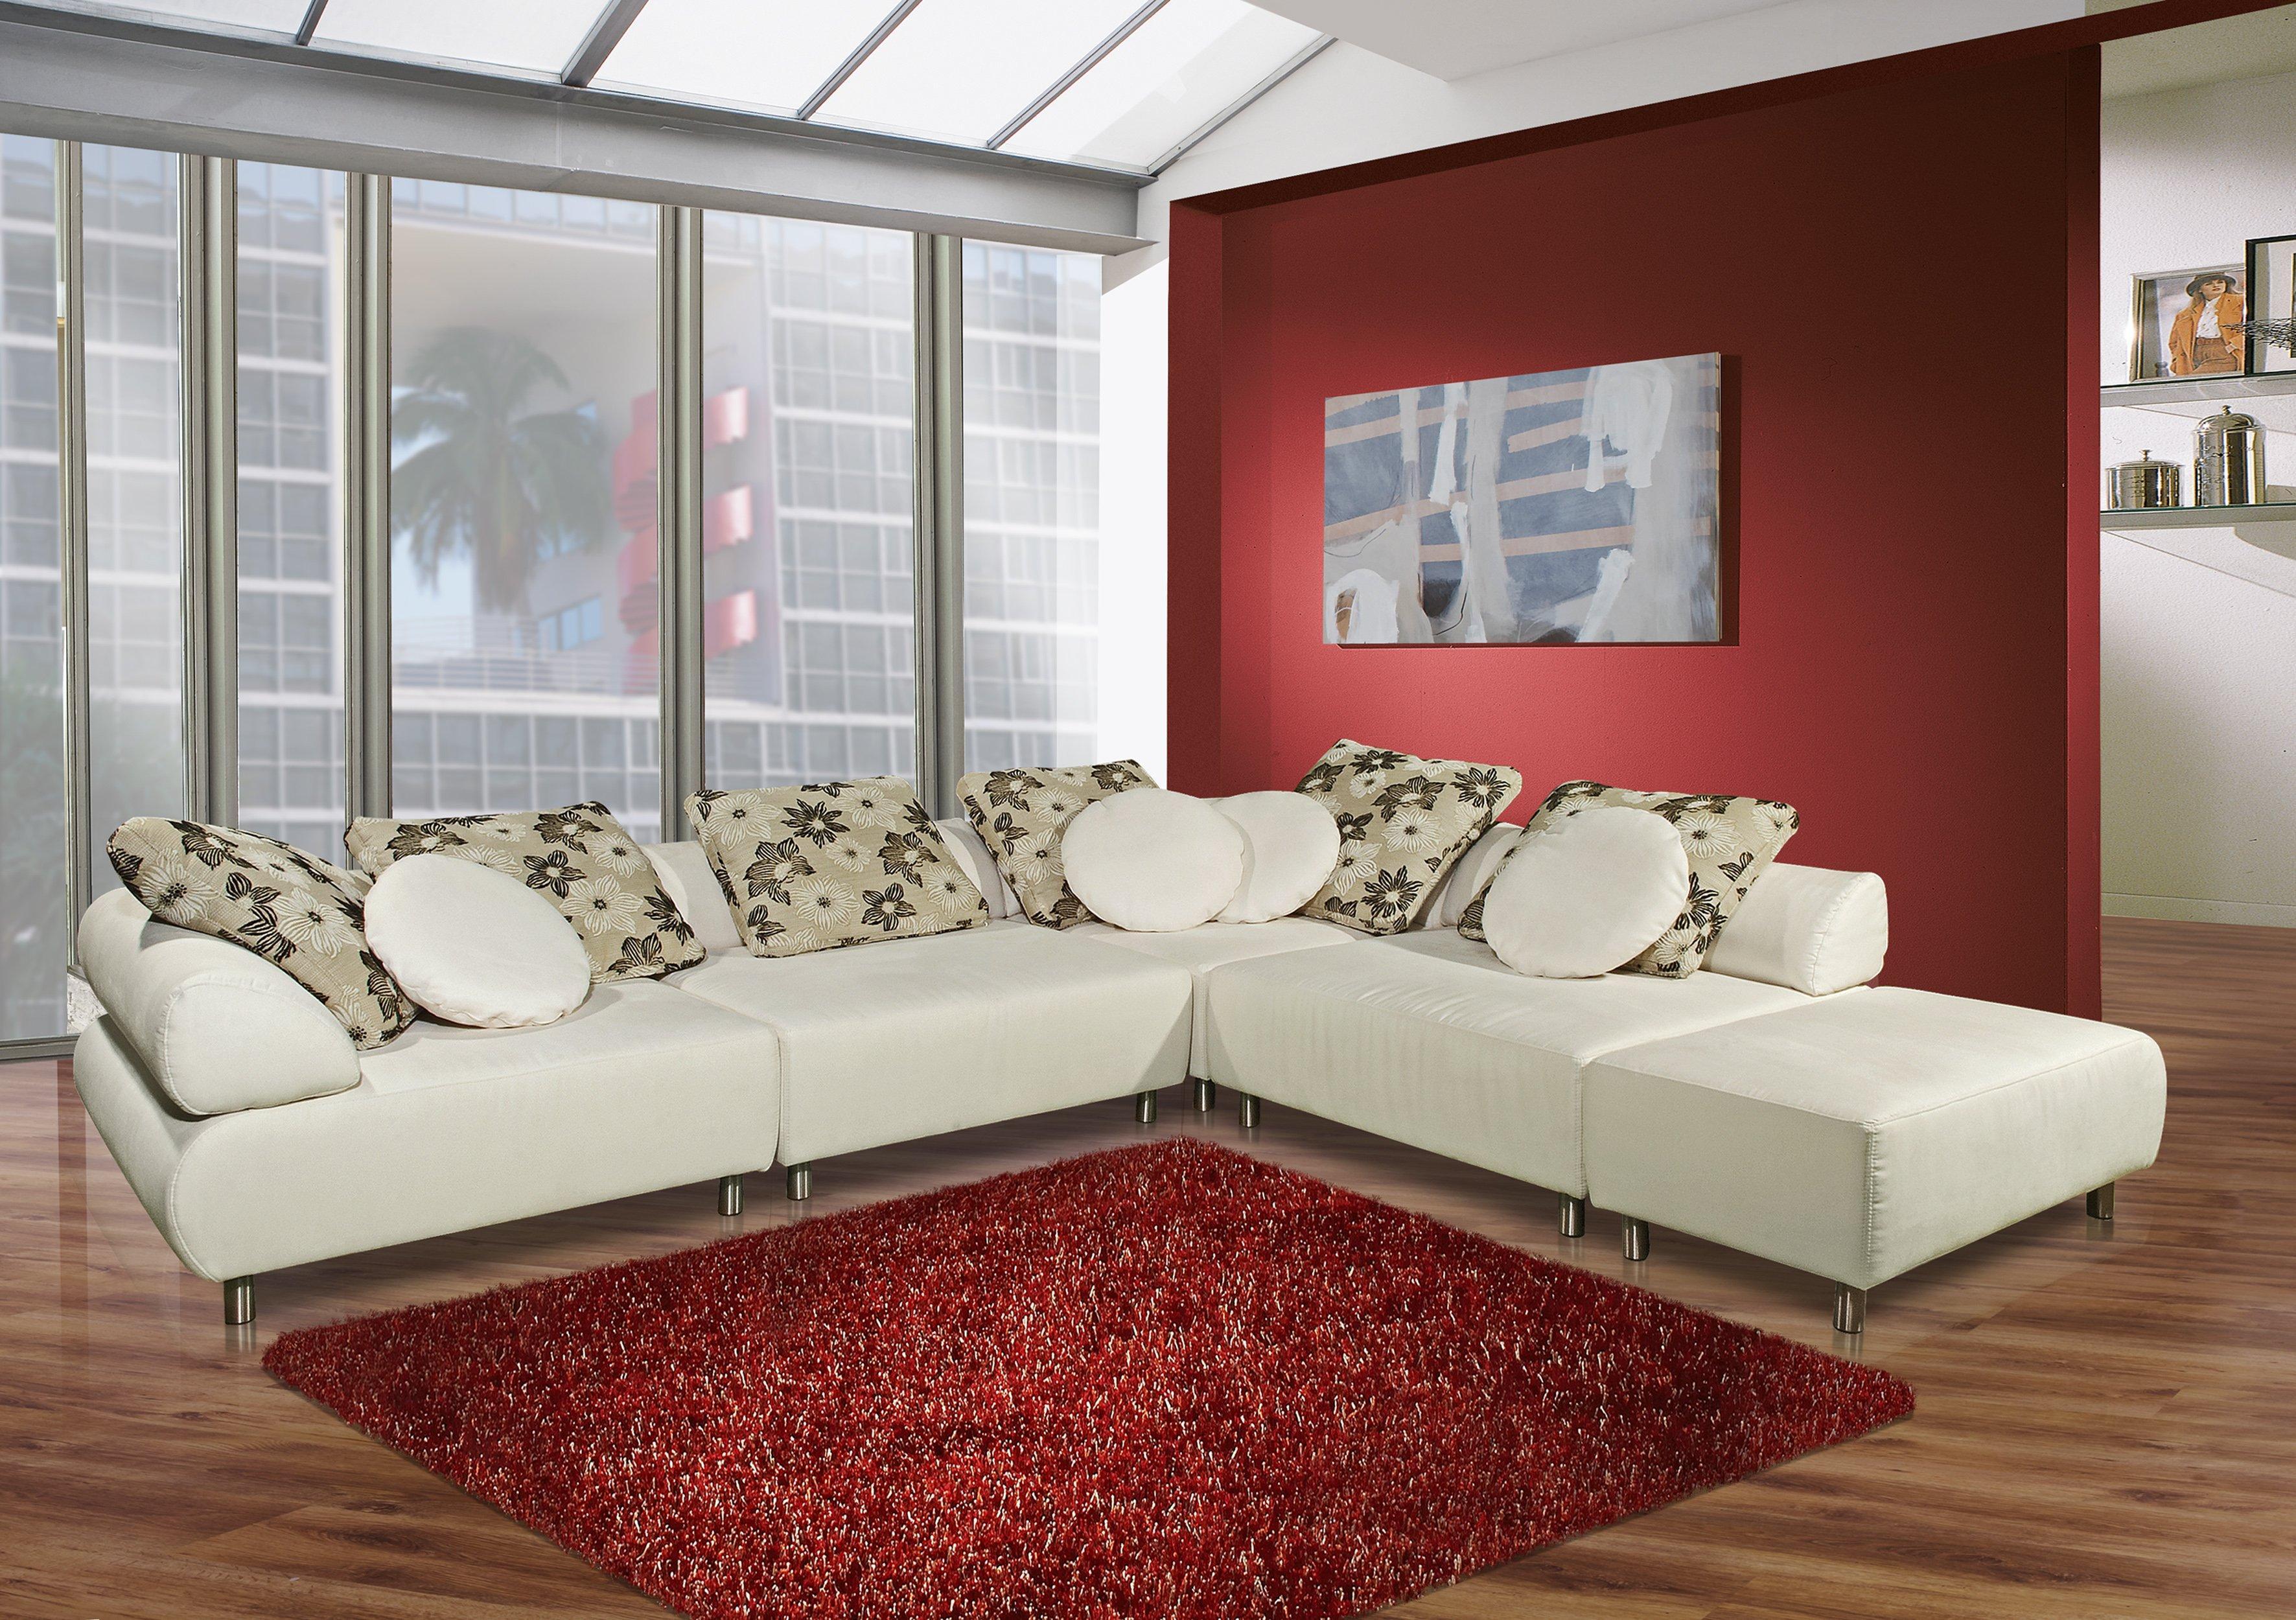 Divano bianco un concentrato di stile e raffinatezza cose di casa - Divano letto angolare rosso ...